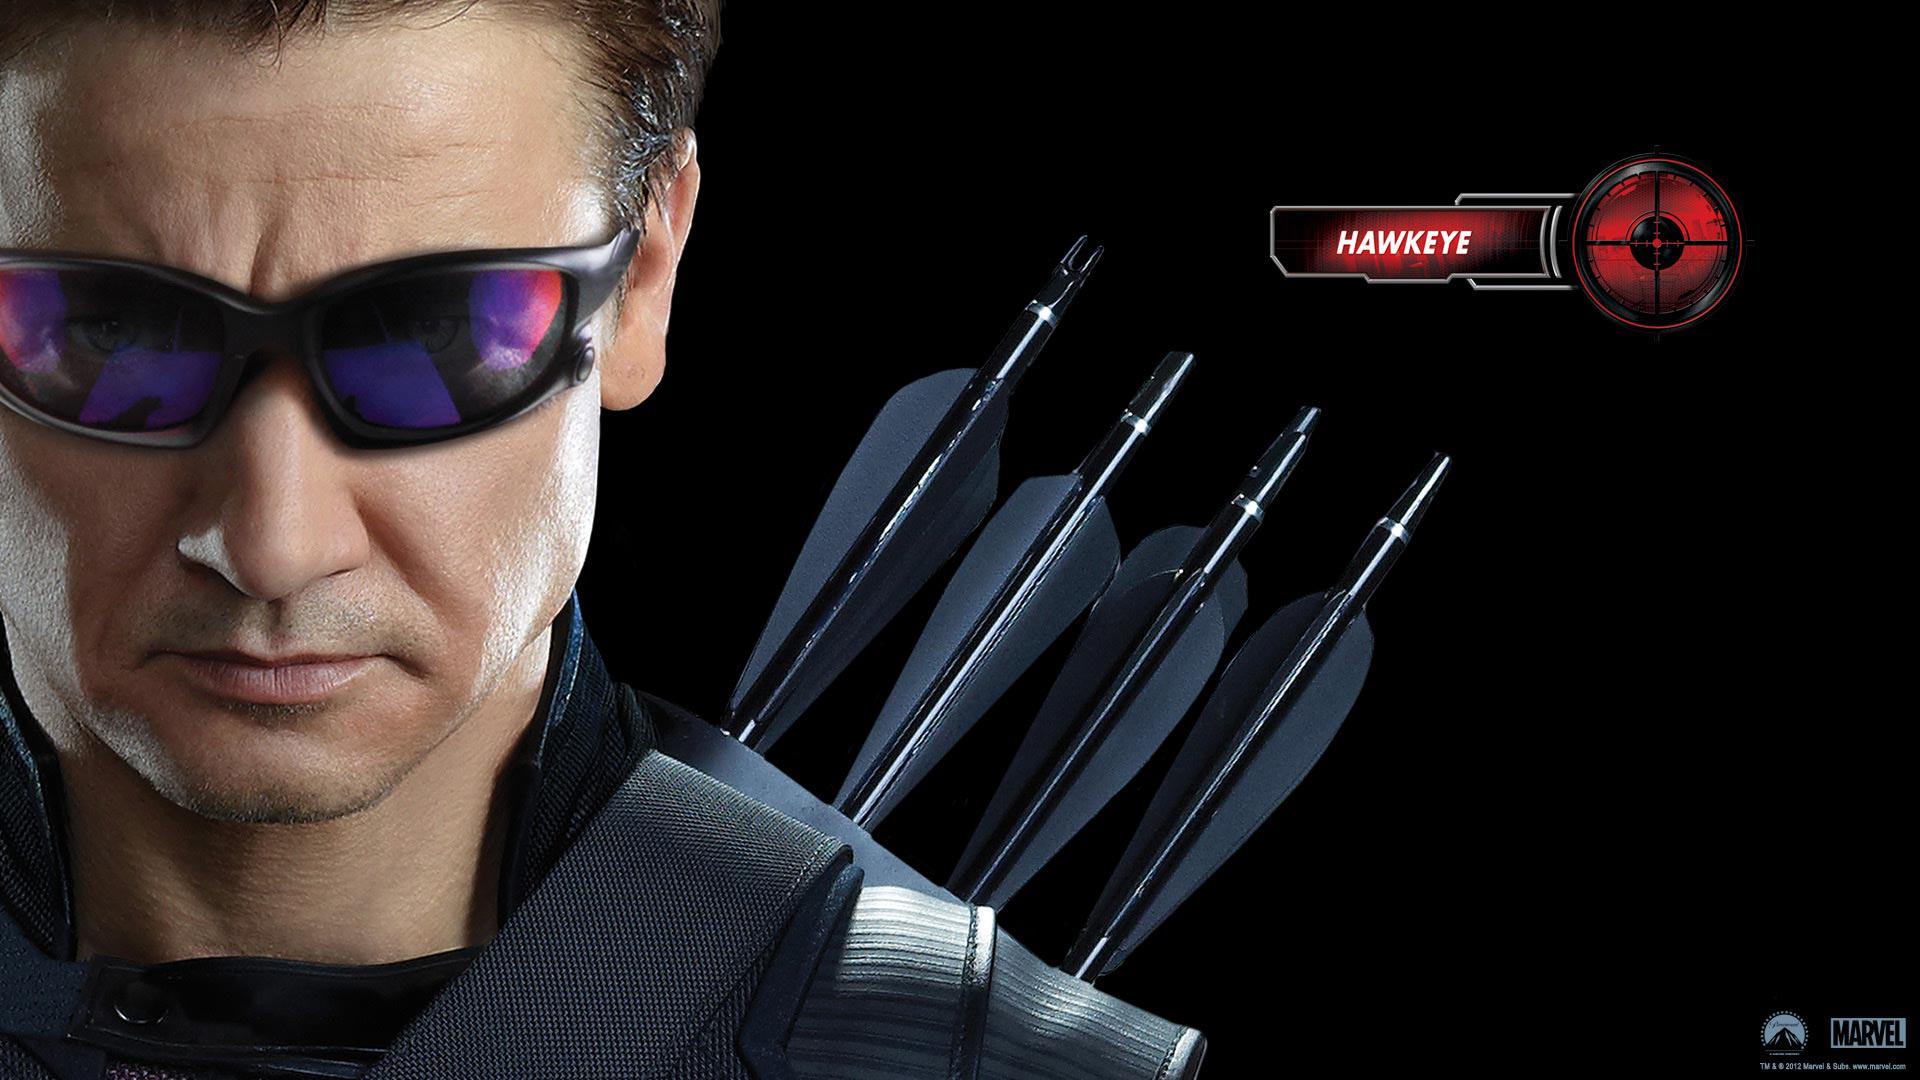 Hawkeye in Avengers Movie wallpaper